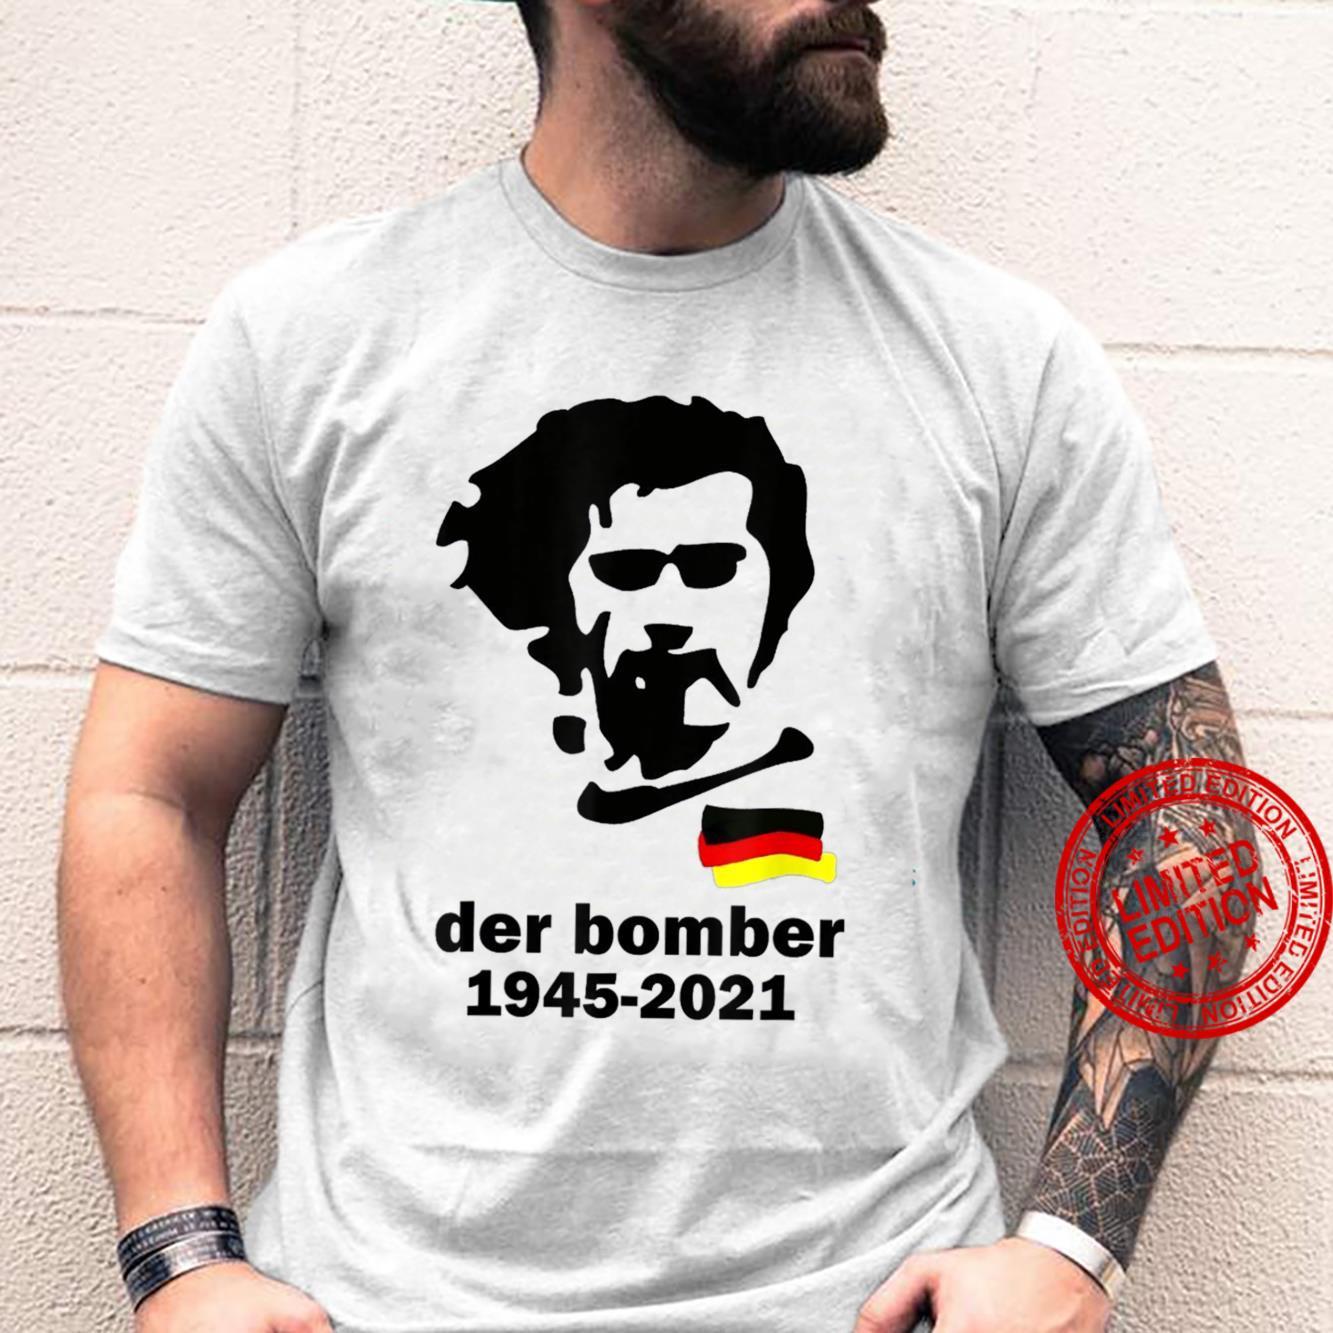 Football Fans Shirt Rip GerdsMullers Shirt Shirt